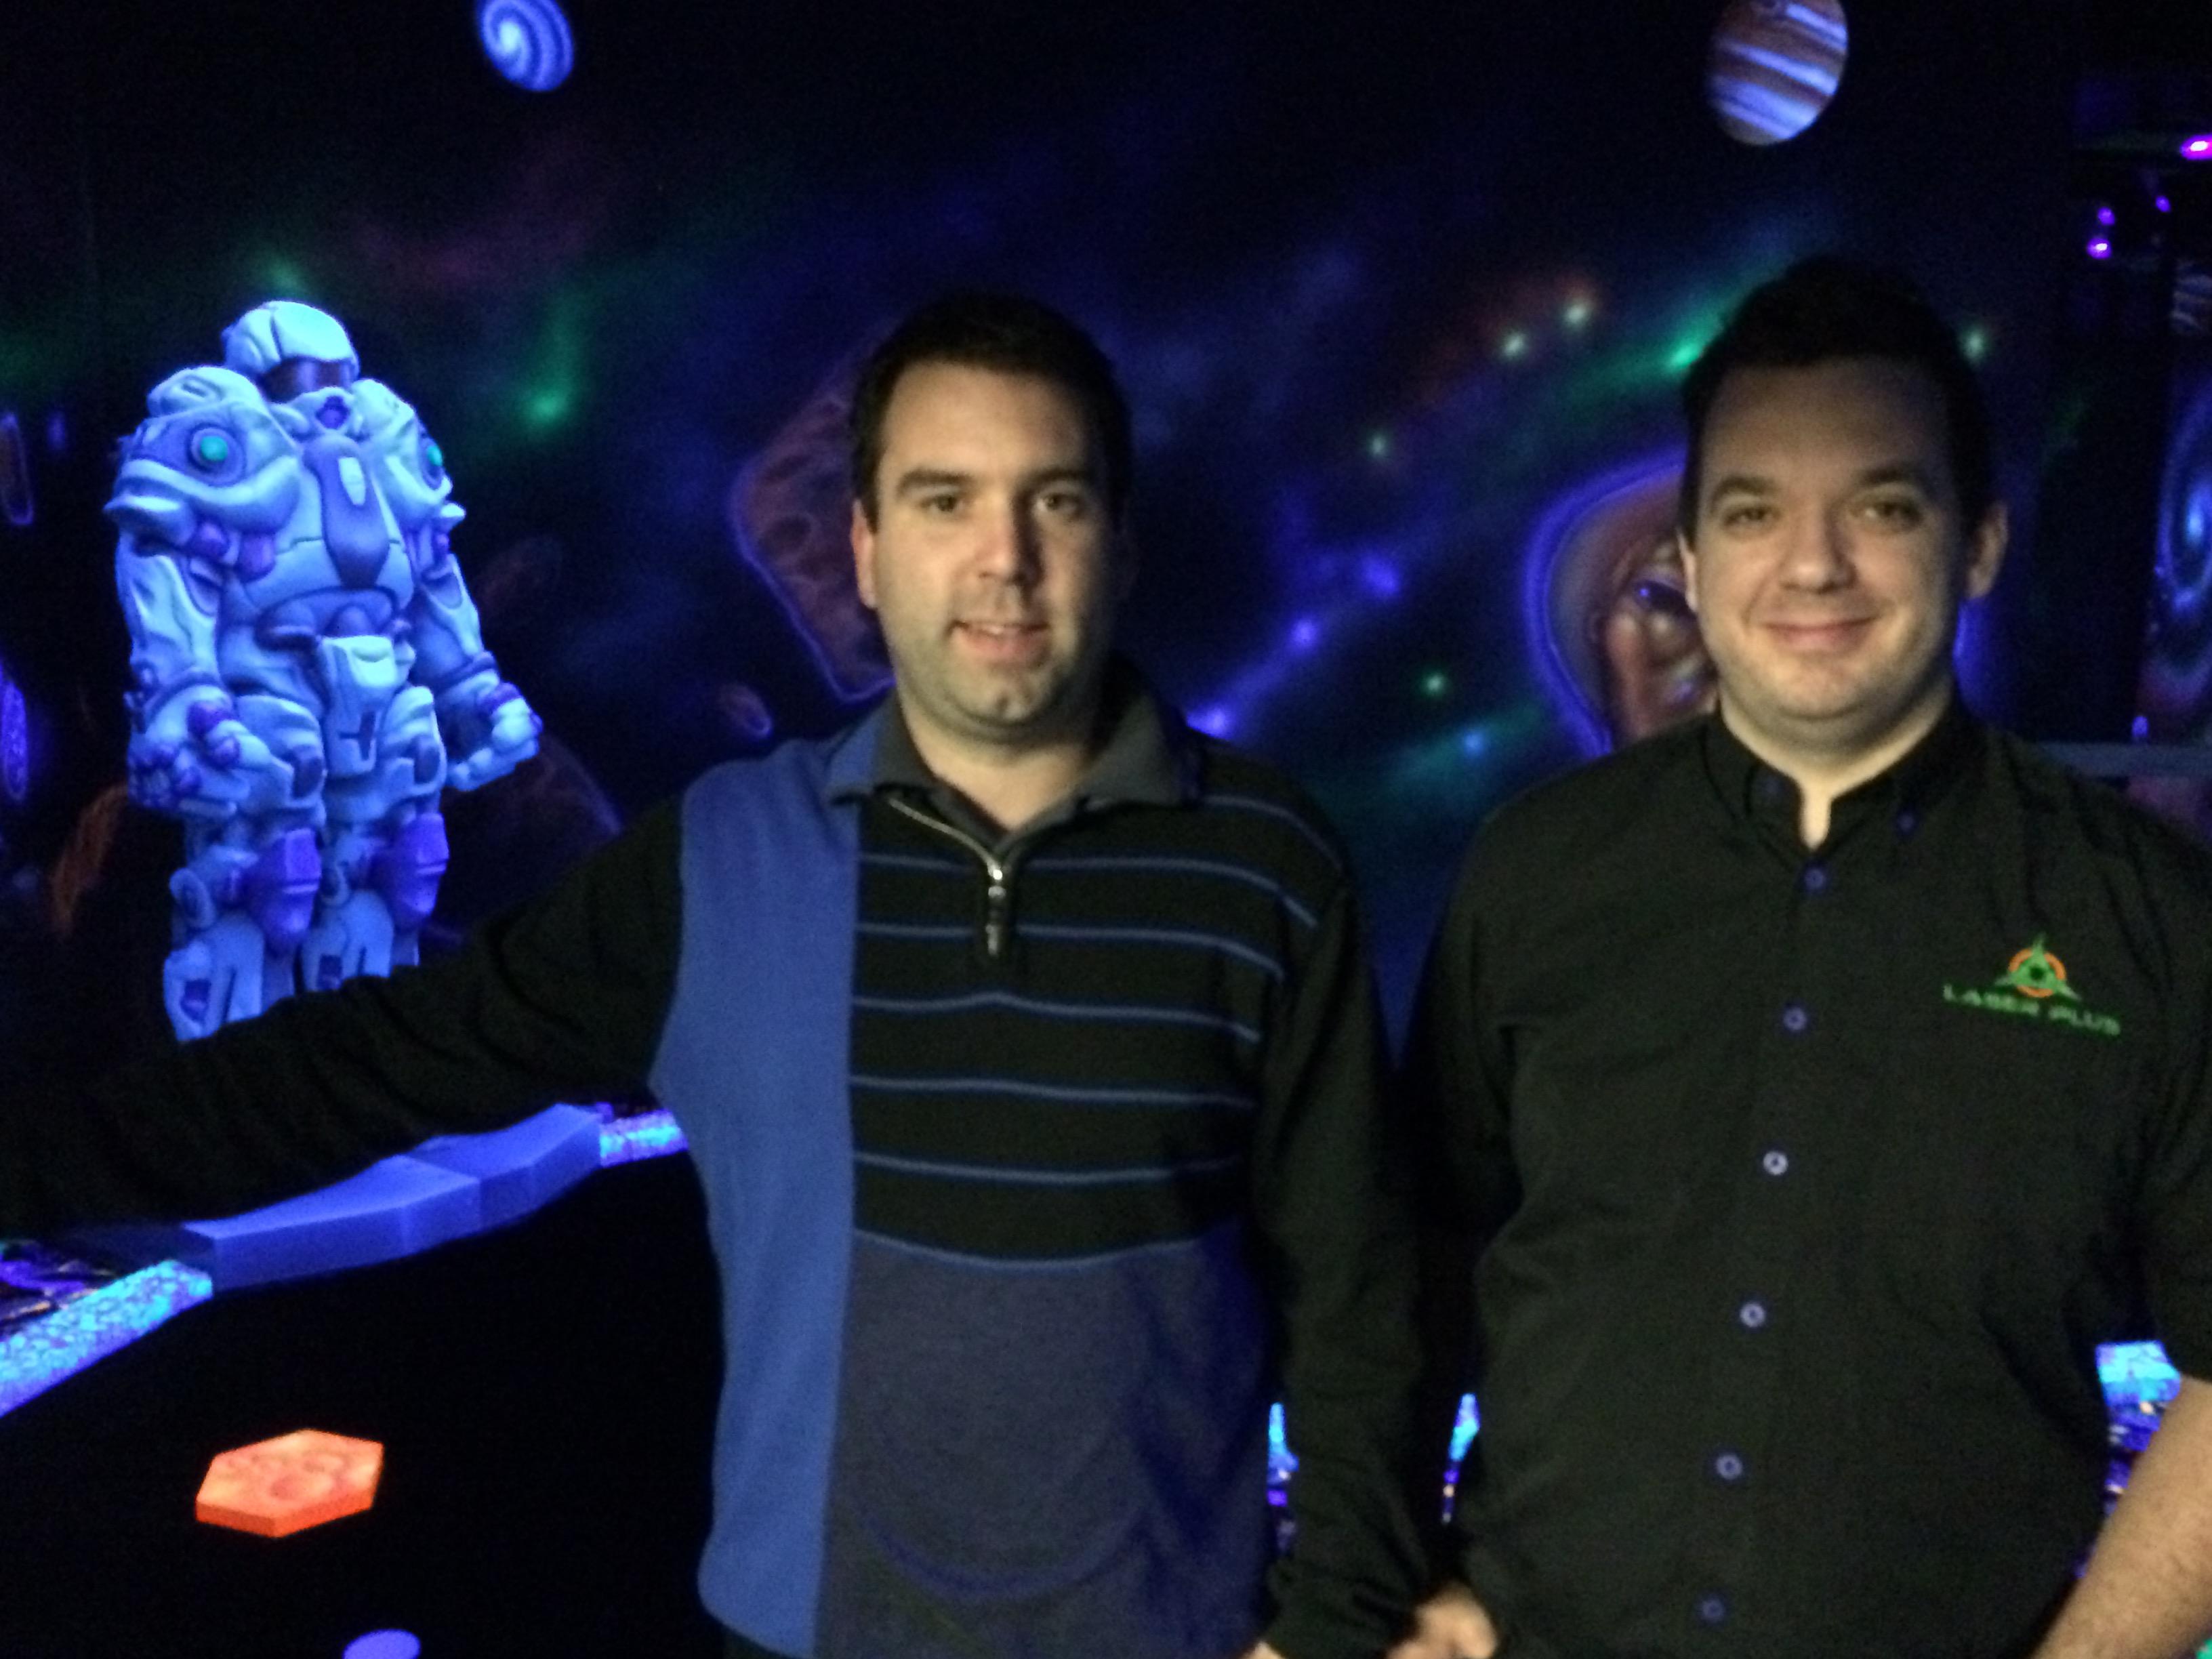 Le Laser Plus ouvre son nouveau centre d'amusement le 22 octobre prochain!